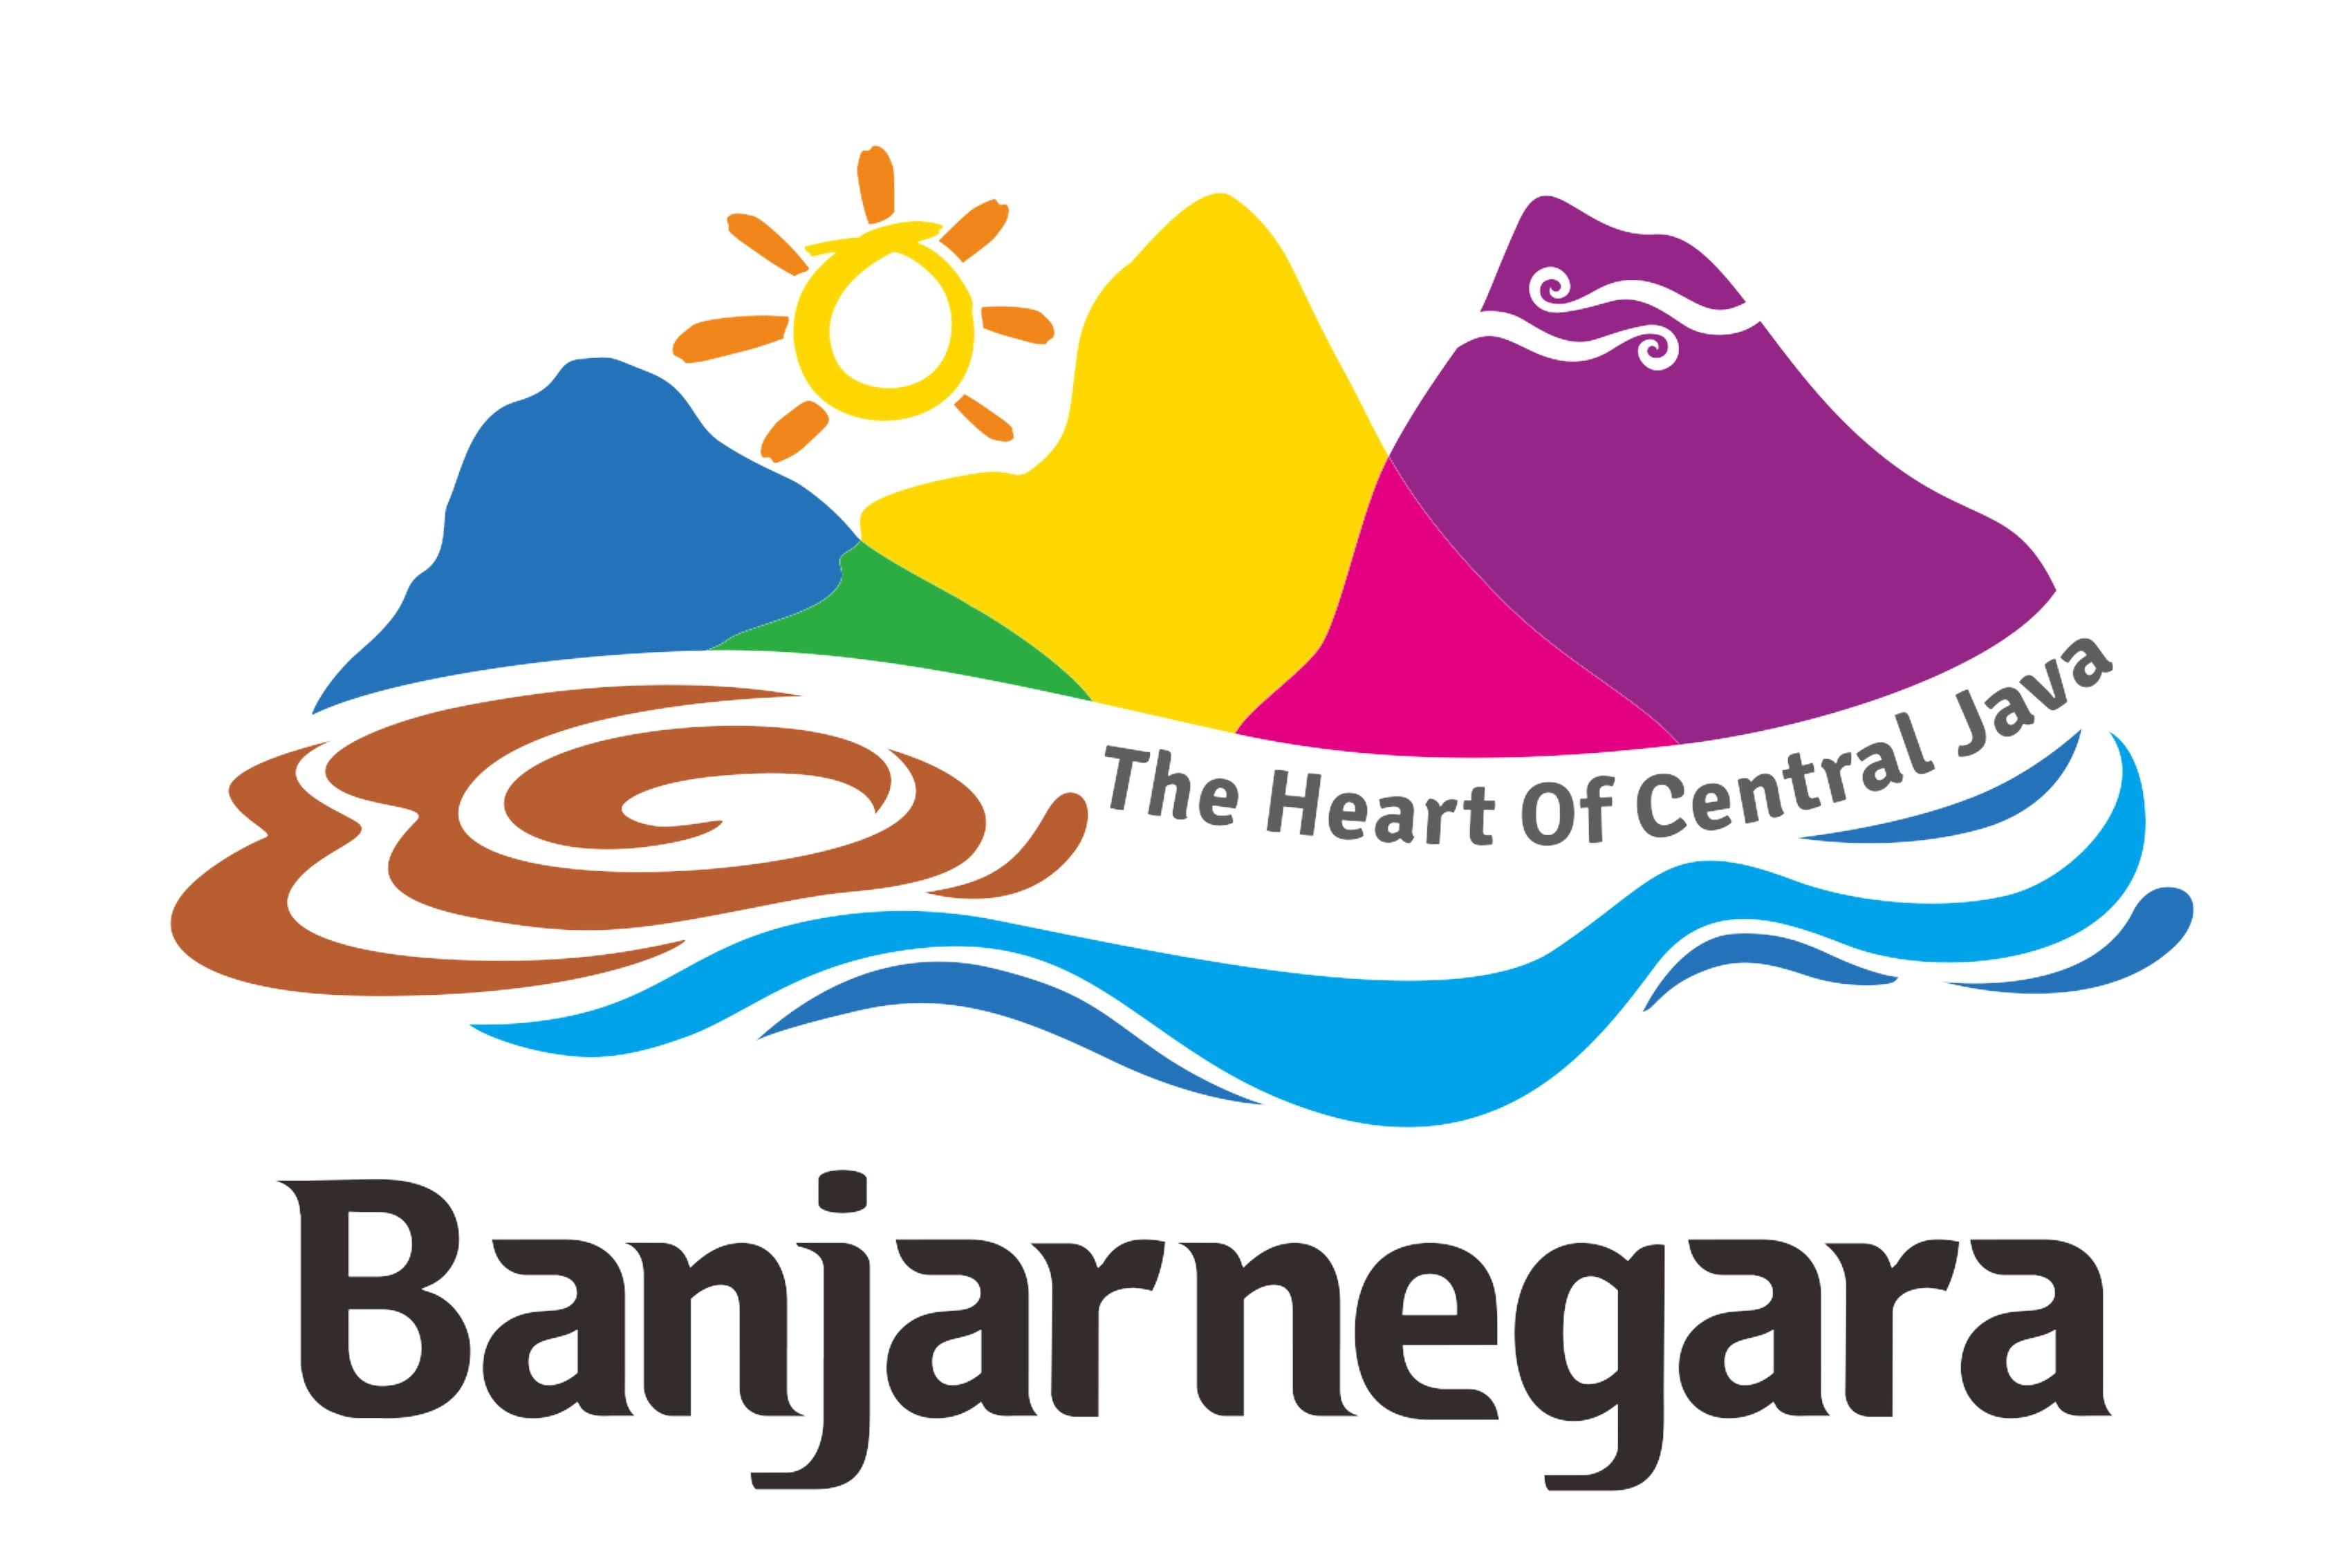 tourism-branding-pariwisata-banjarnegara-jpg-3